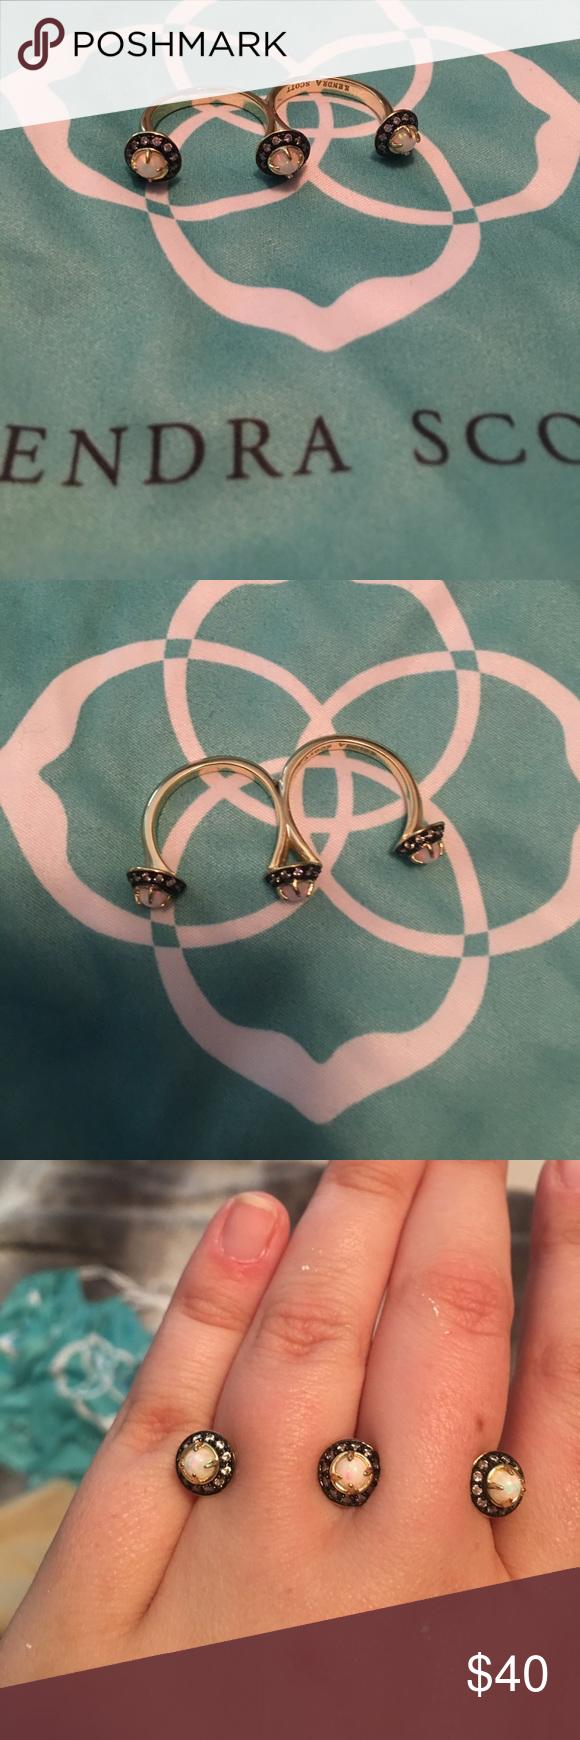 Kendra scott odette ring kendra scott odette ring opal iridescent